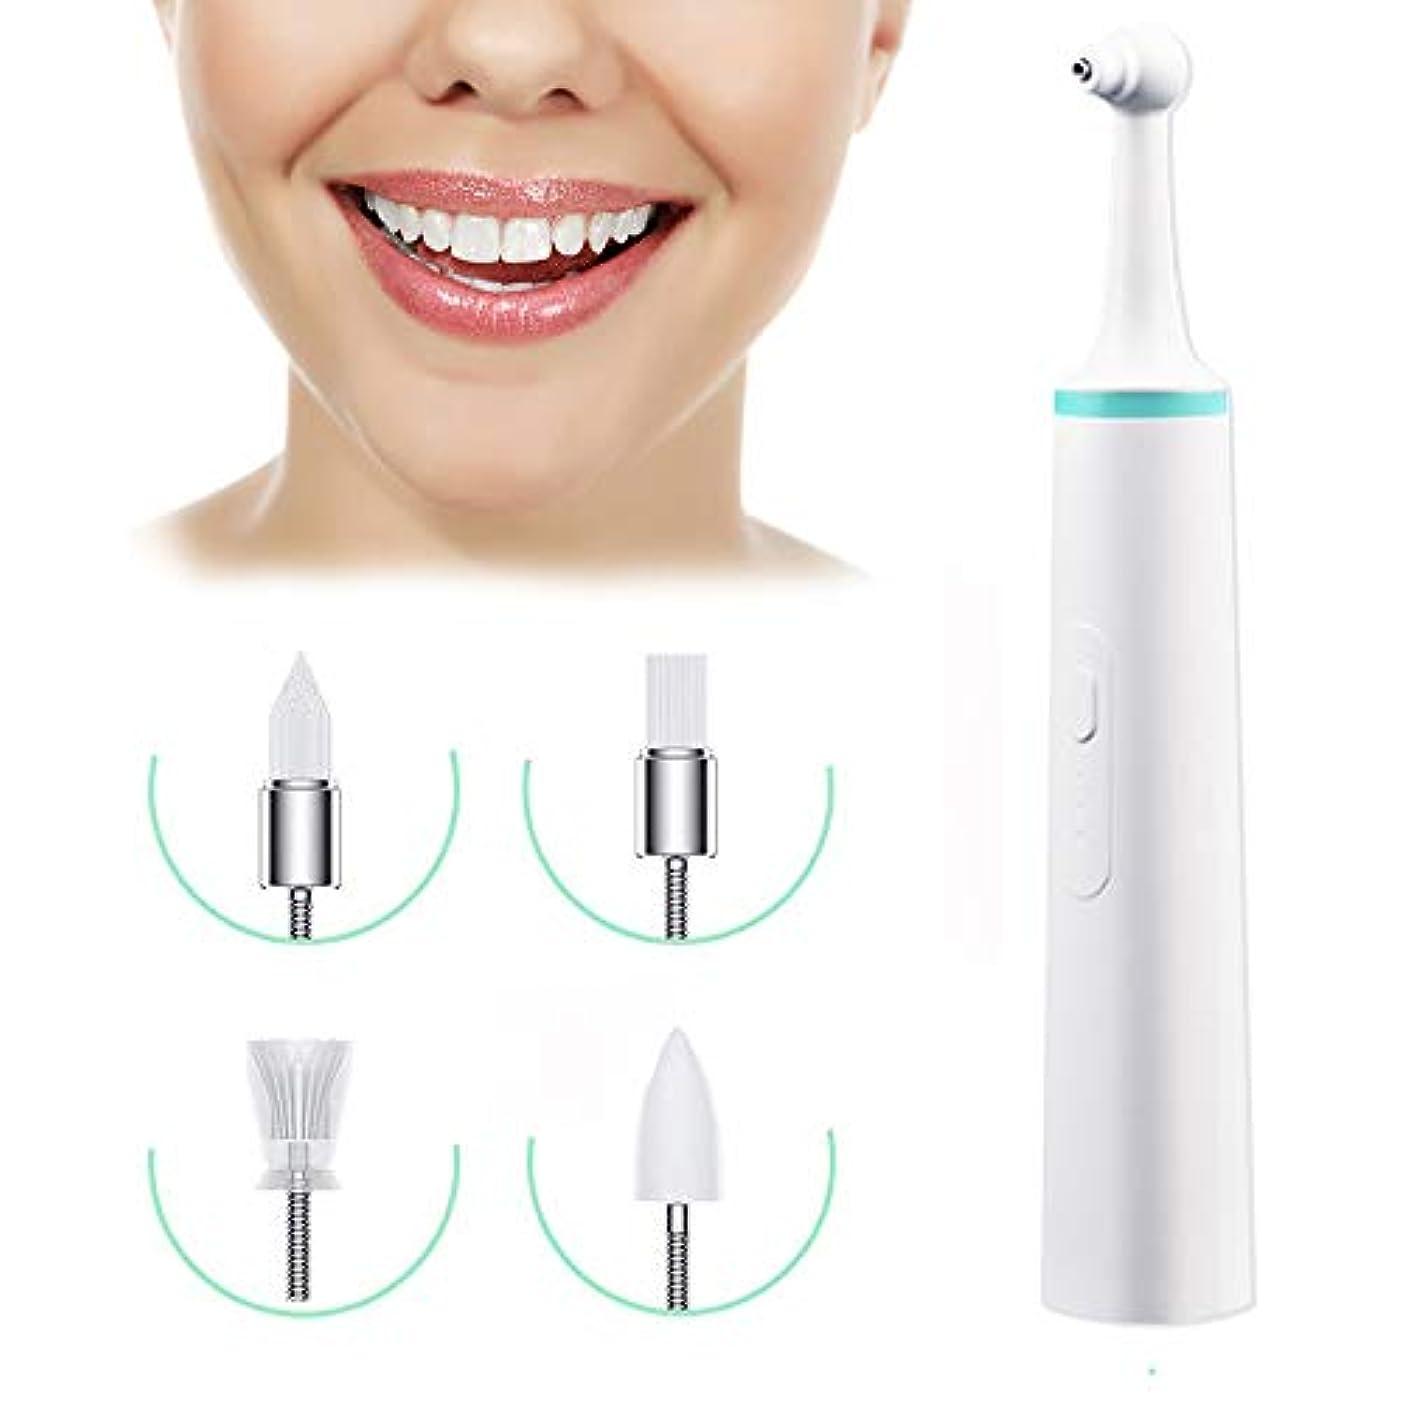 殺人者ゲージ誇張歯磨き用電動一体型デンタルギャップクリーナー、電動歯磨き機洗浄、歯科用ホワイトニング歯科用器具